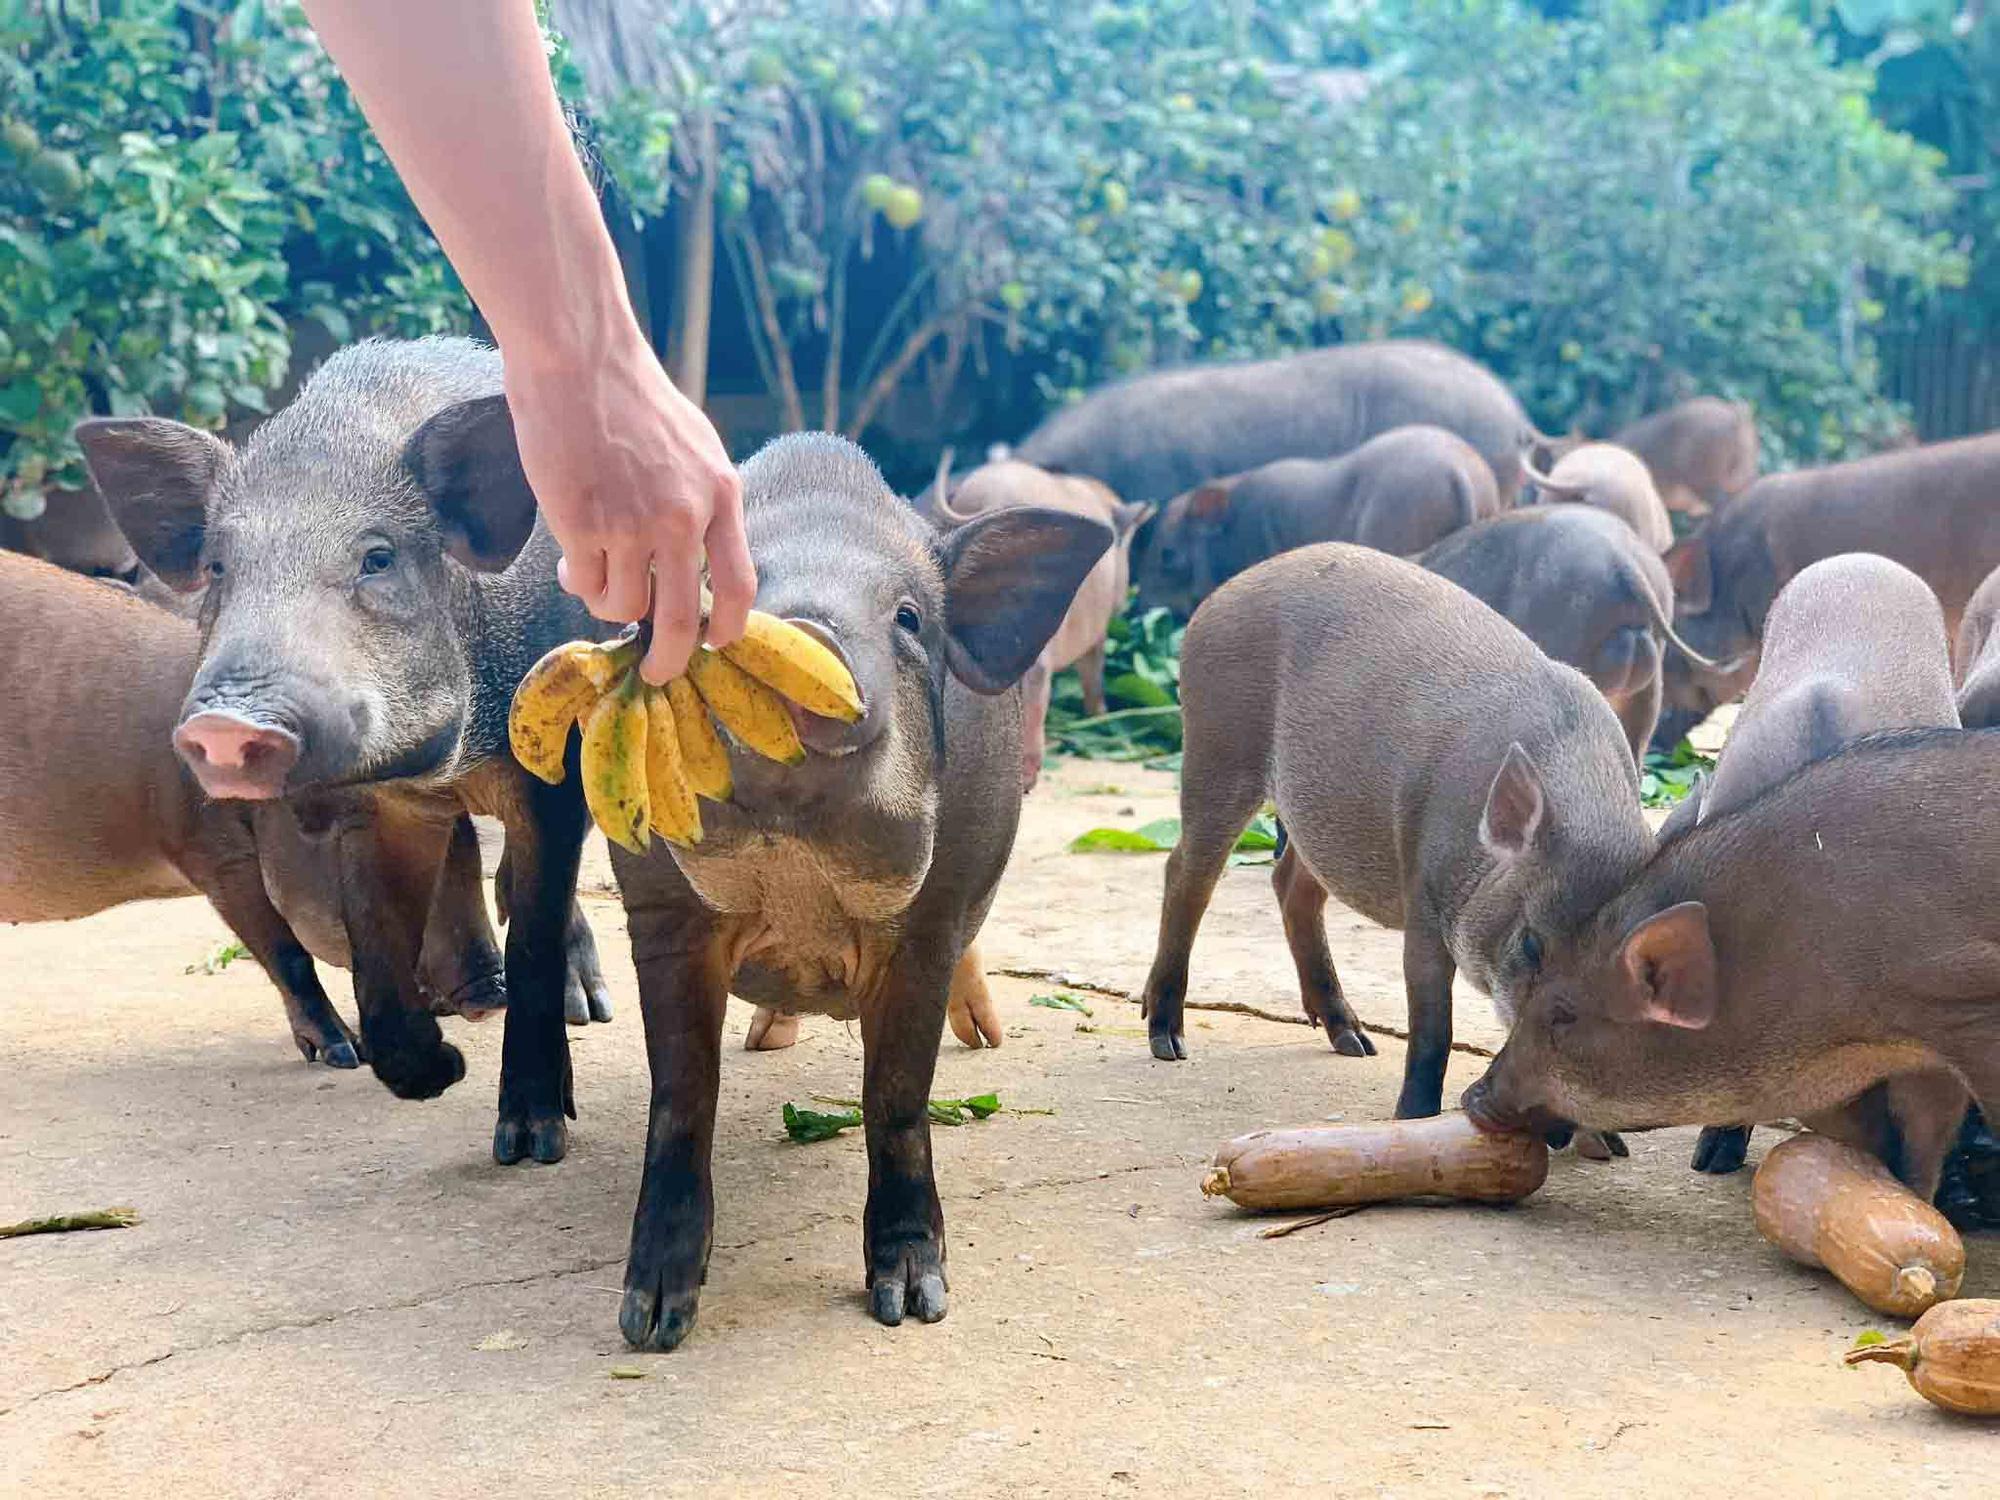 Nuôi lợn rừng bằng dược liệu, cán bộ xã thu tiền tỷ mỗi năm - Ảnh 3.